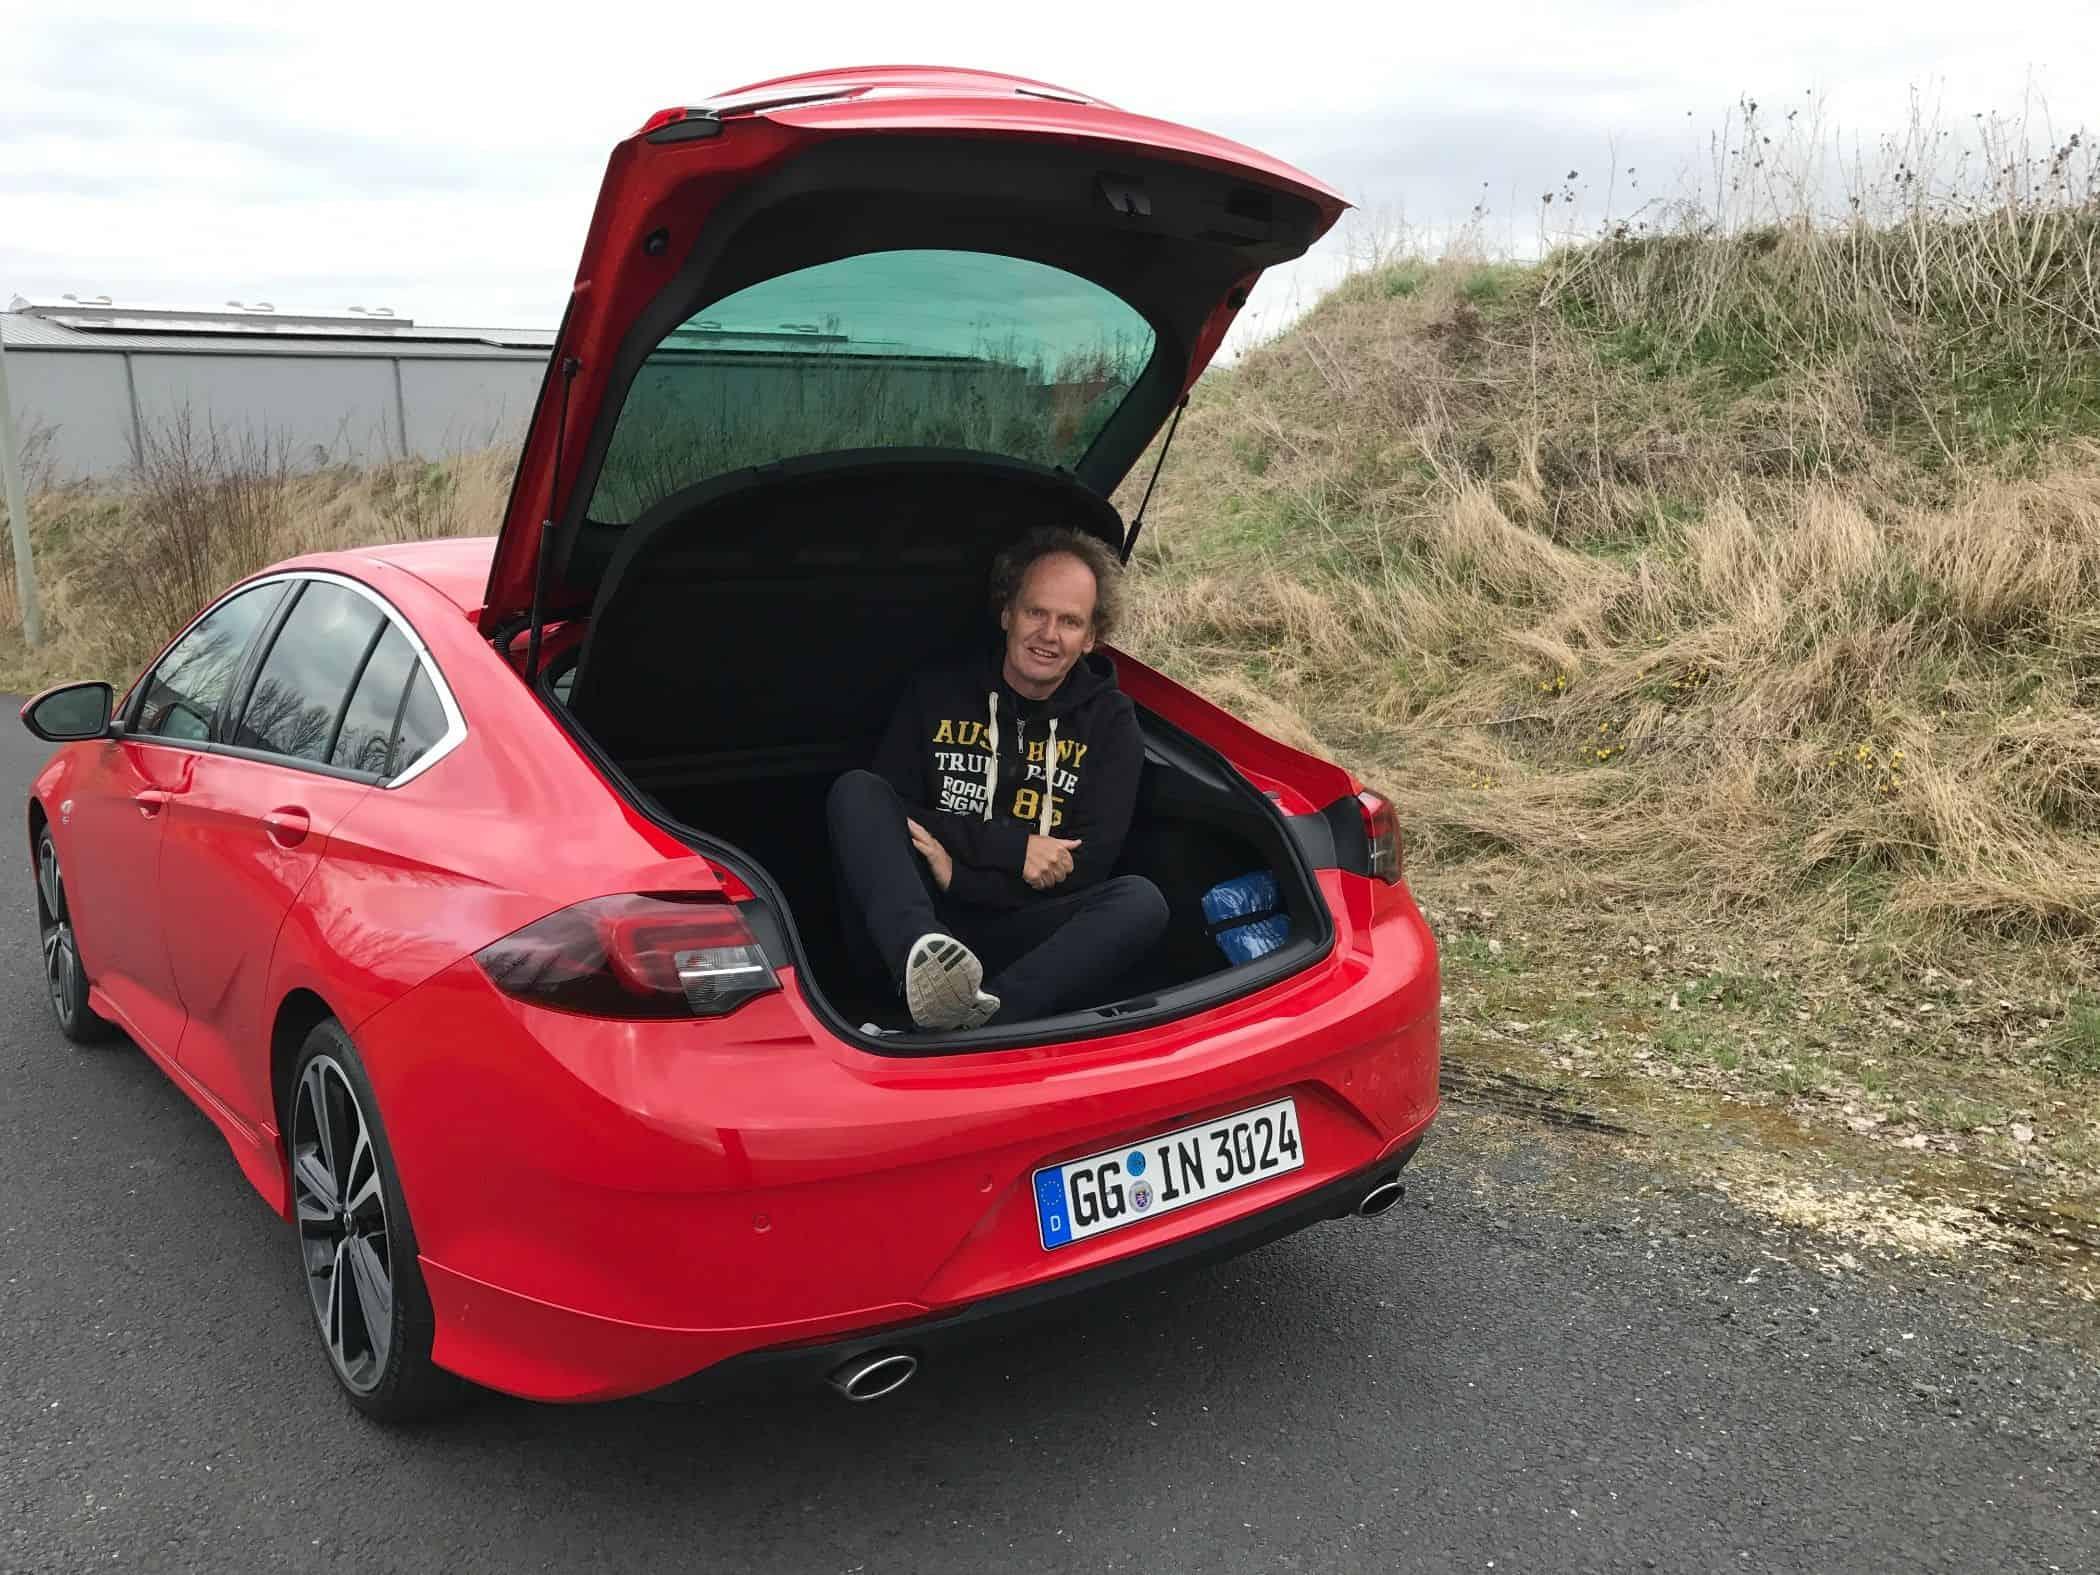 Opel Insignia Grand Sport Limousine Mit Grosser Klappe Der